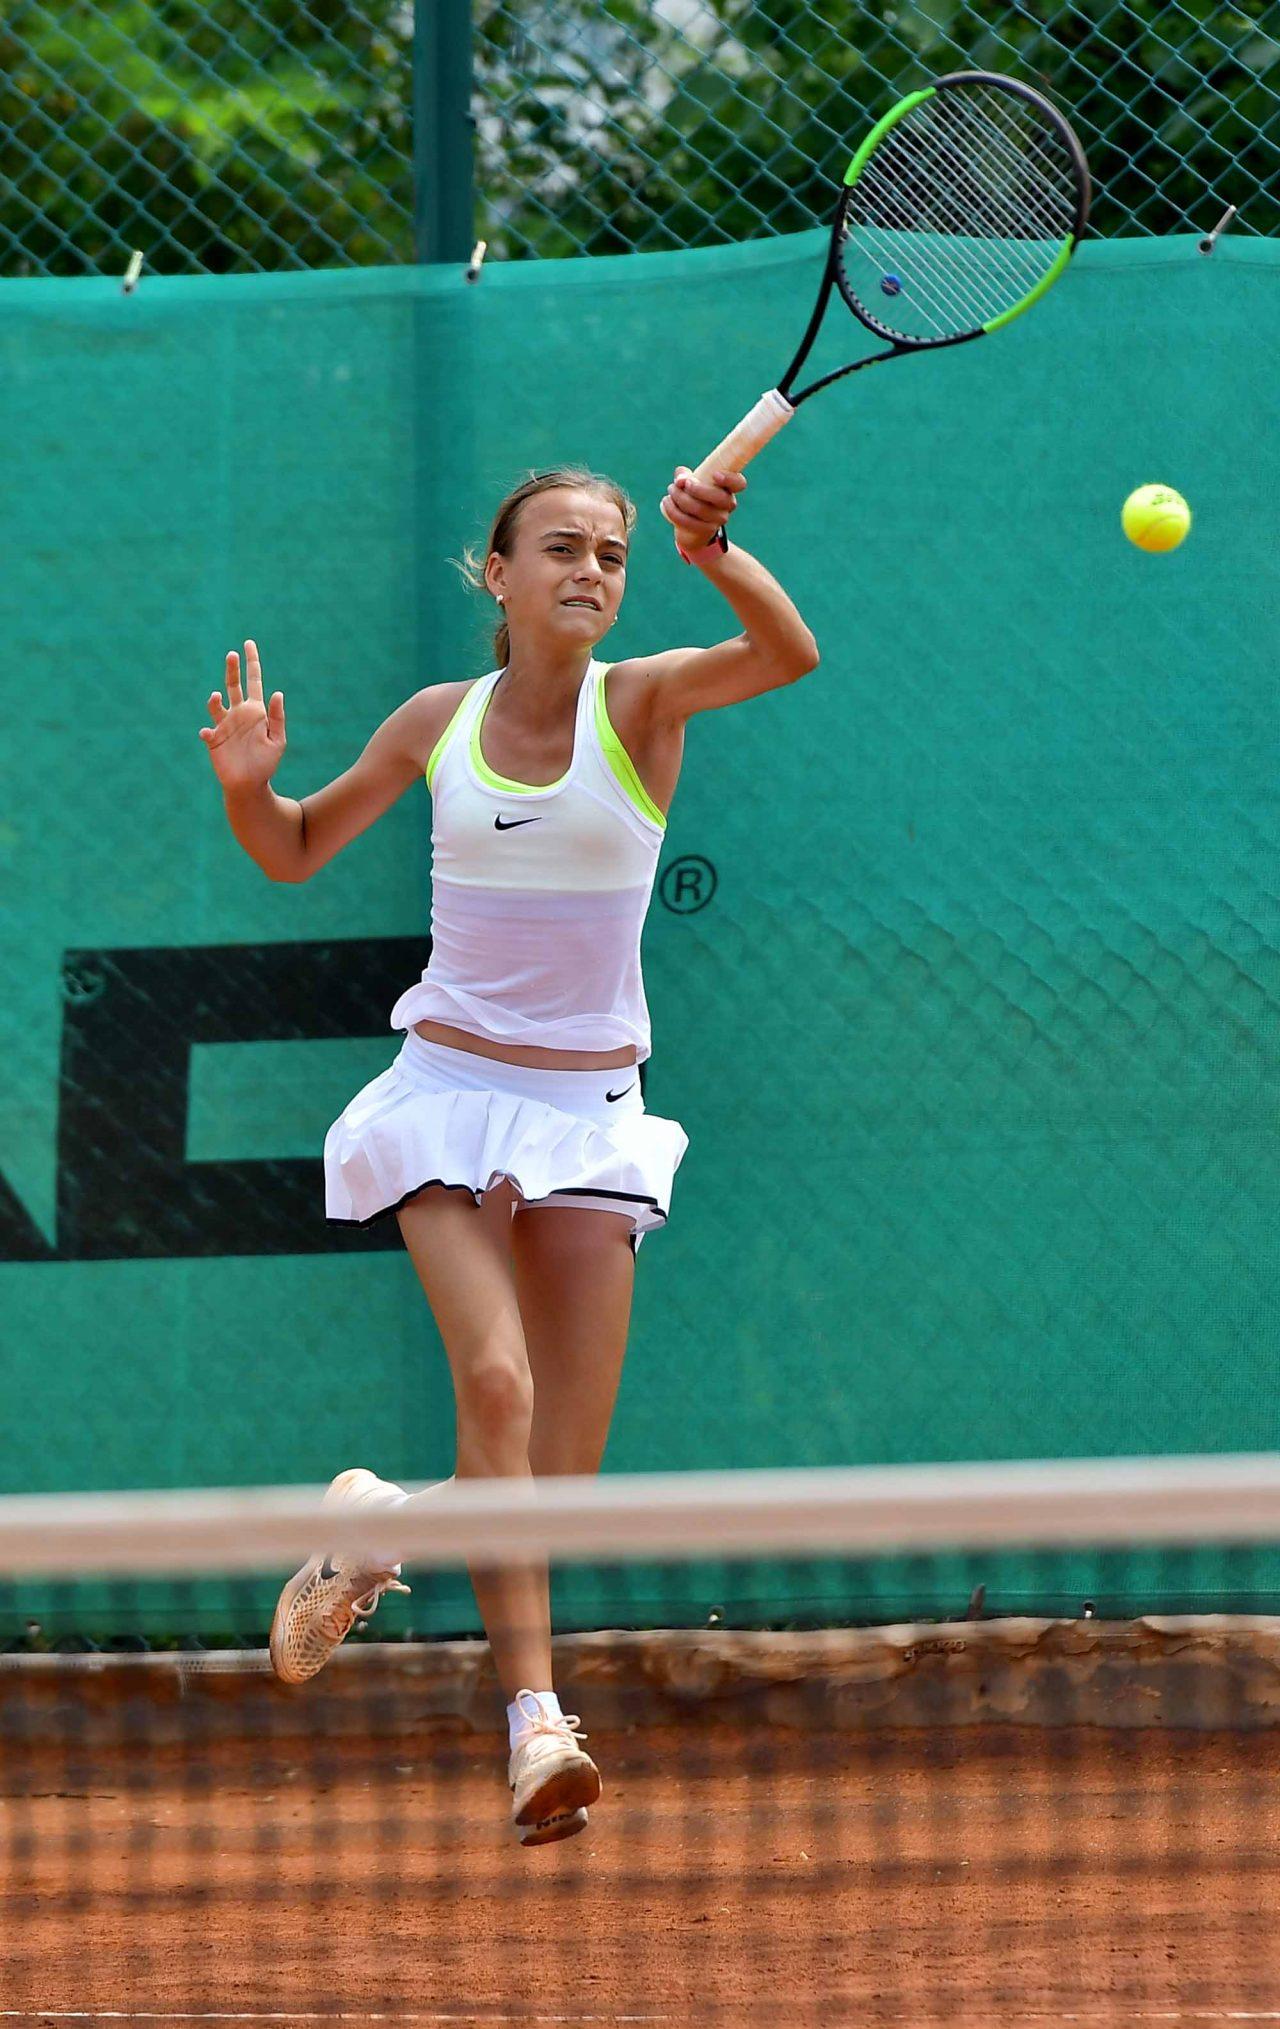 Държавно първенство тенис до 14 год. ТК 15-40 финал двойки (22)